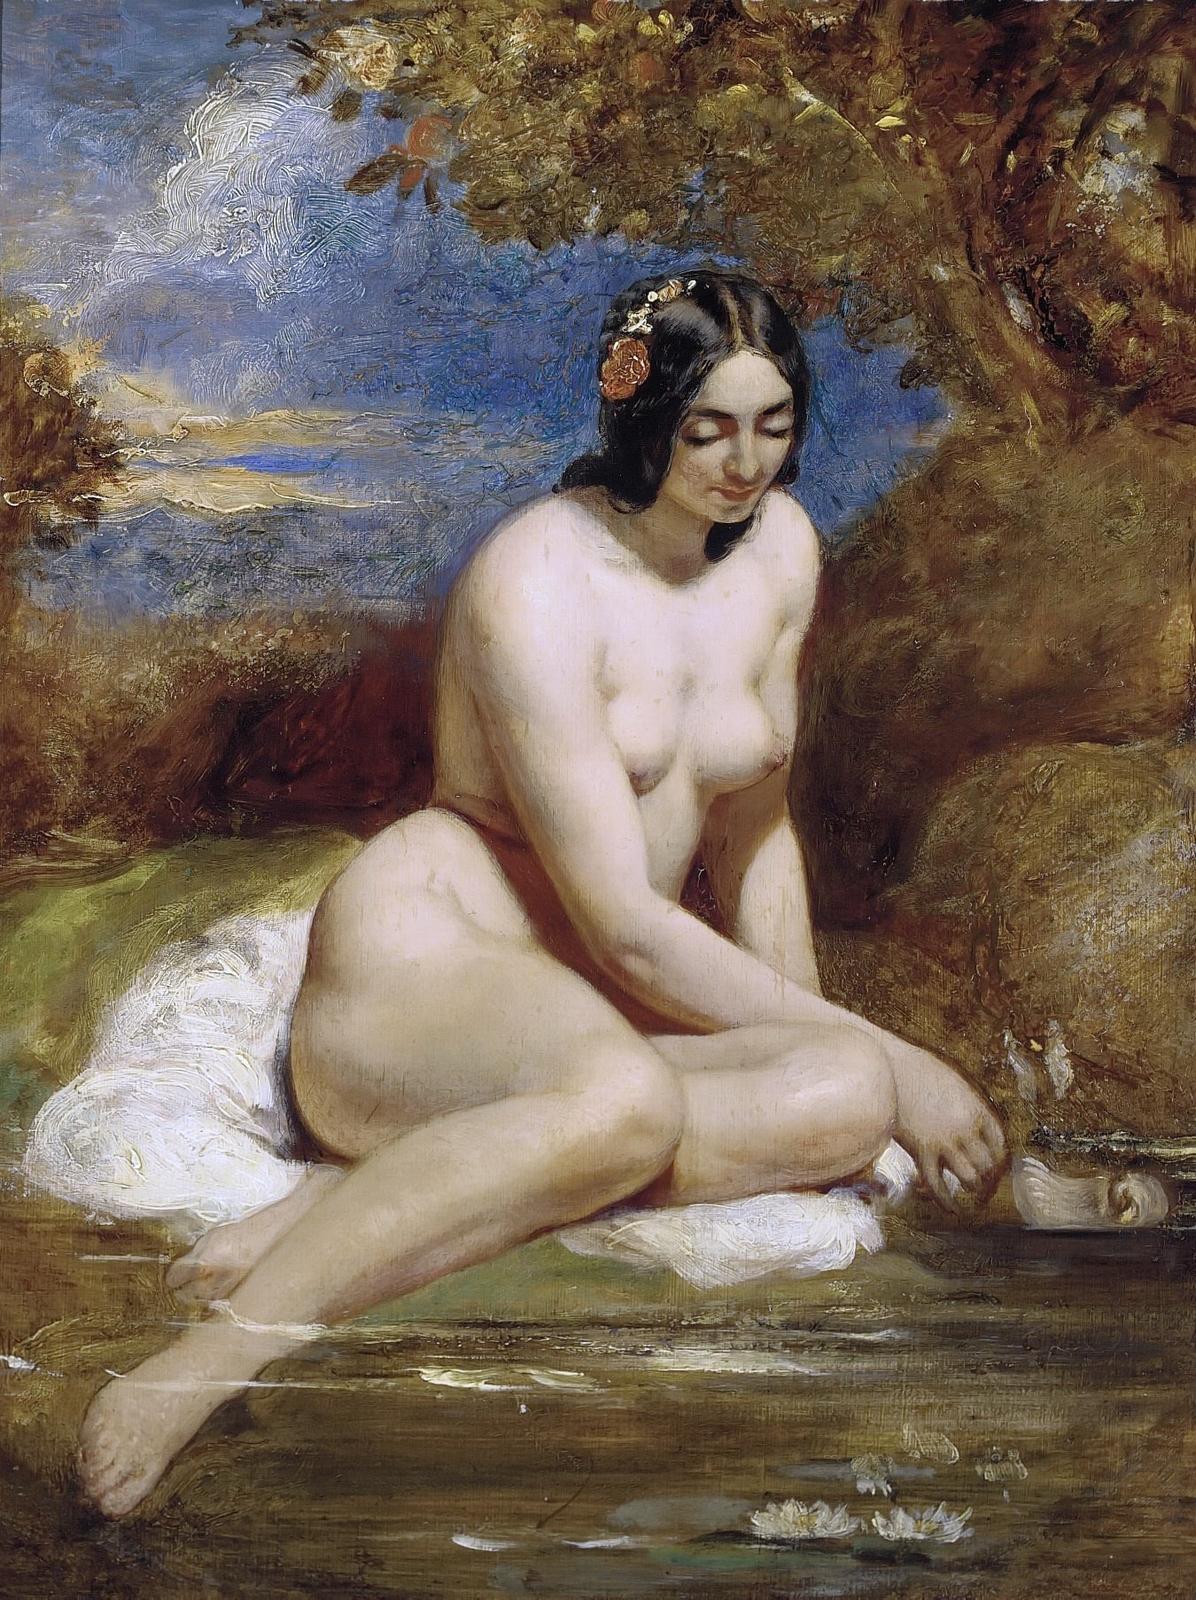 Уильям Этти. Купальщица (The Bather). 60 x 45. Частное собрание.